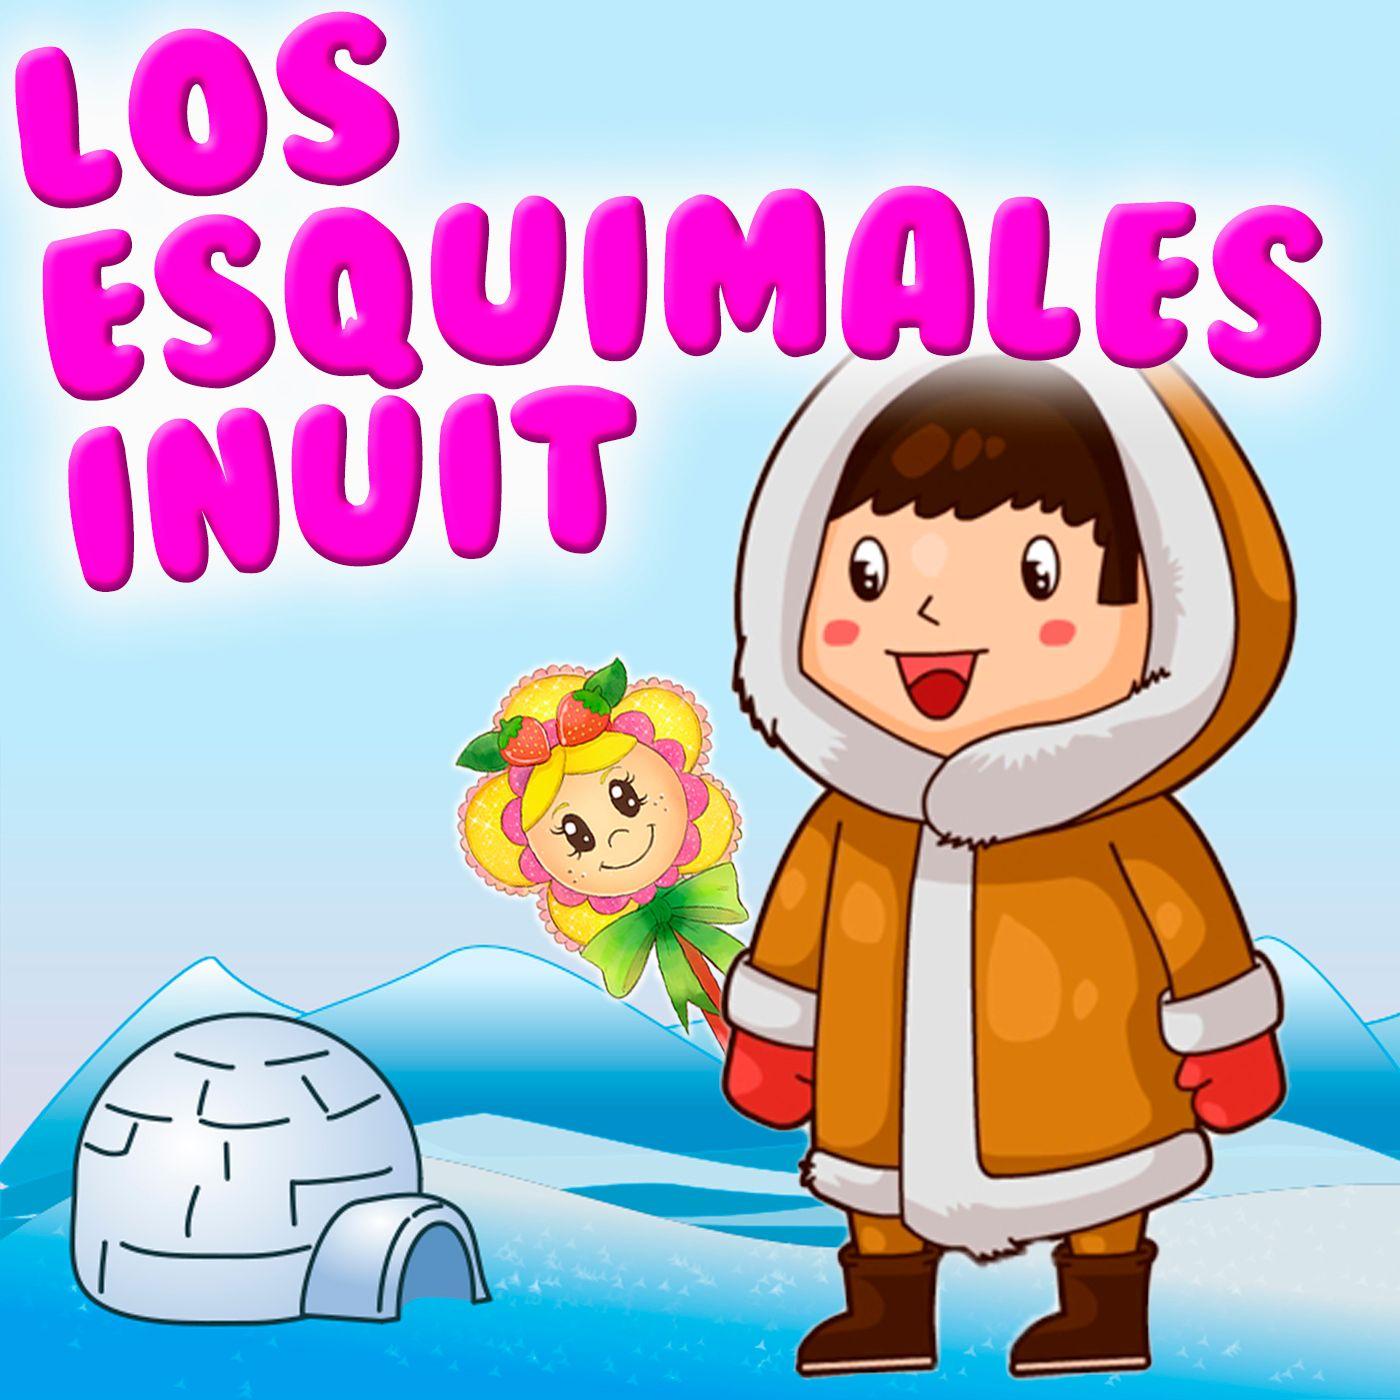 79. El Abuelo Albondiguilla y los esquimales Inuit. Cuento infantil para aprender sobre el Polo Norte.